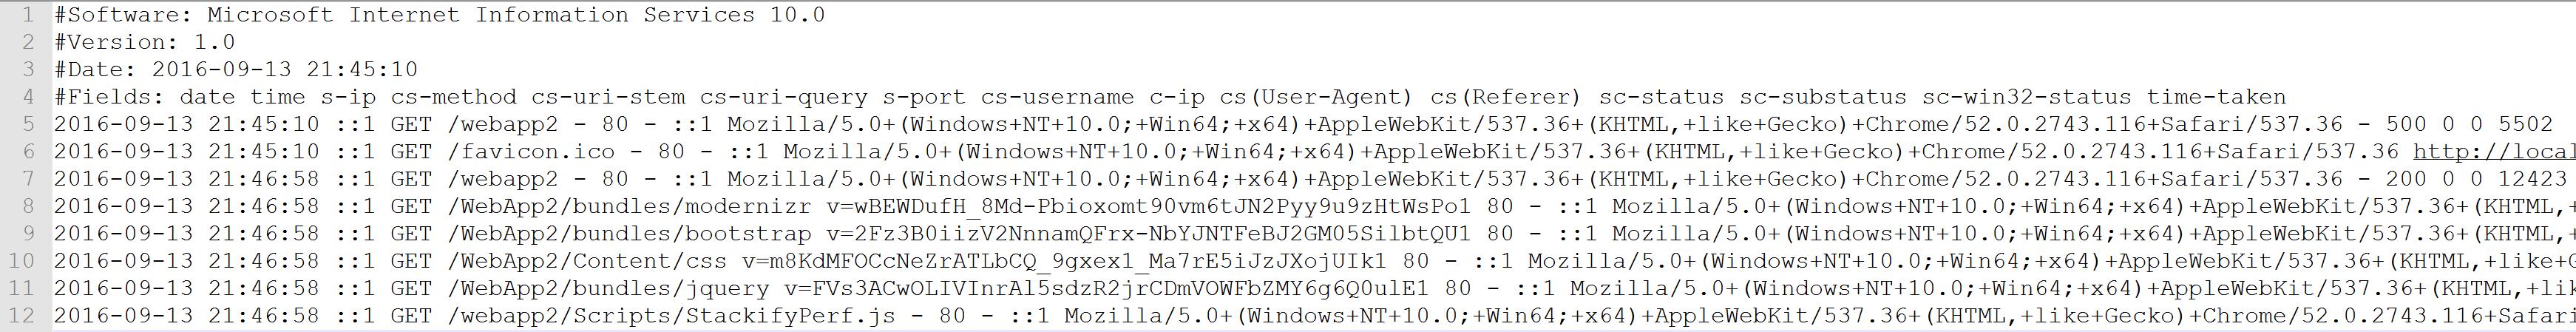 Interpret IIS Log File format